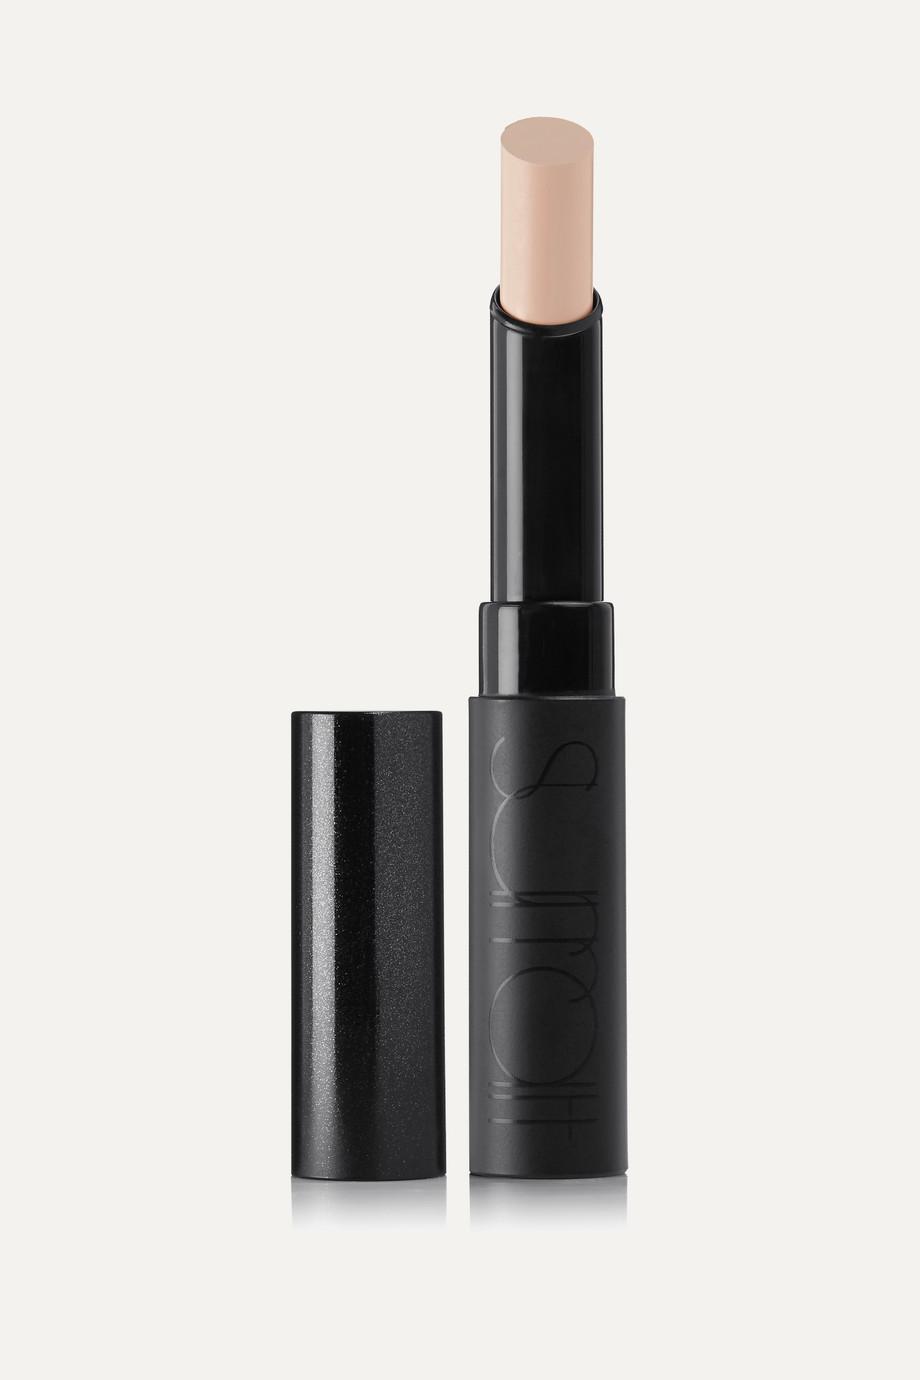 Surratt Beauty Surreal Skin Concealer – 01 – Concealer